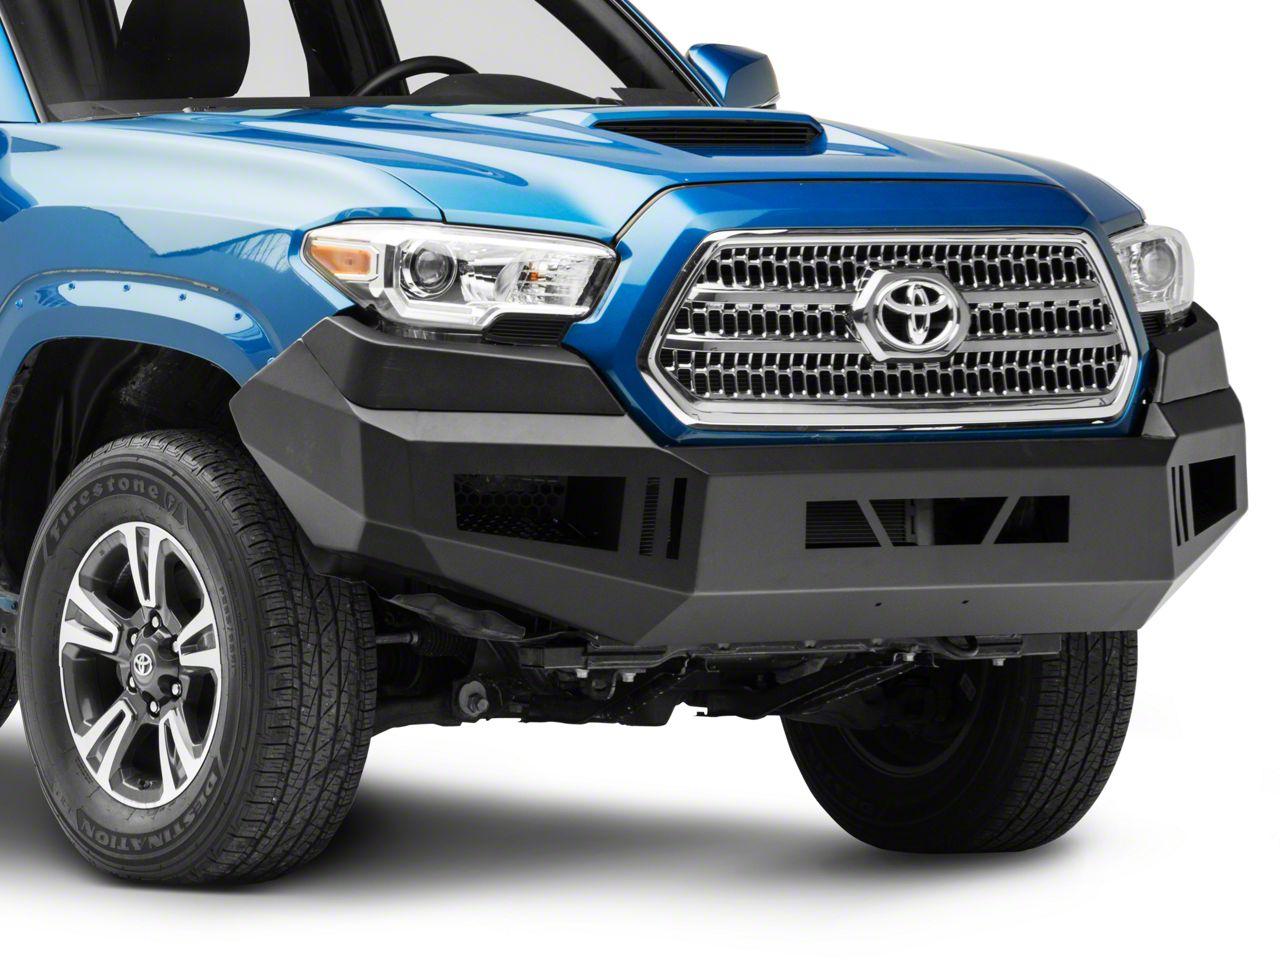 RedRock 4x4 HD Front Bumper (16-19 Tacoma)